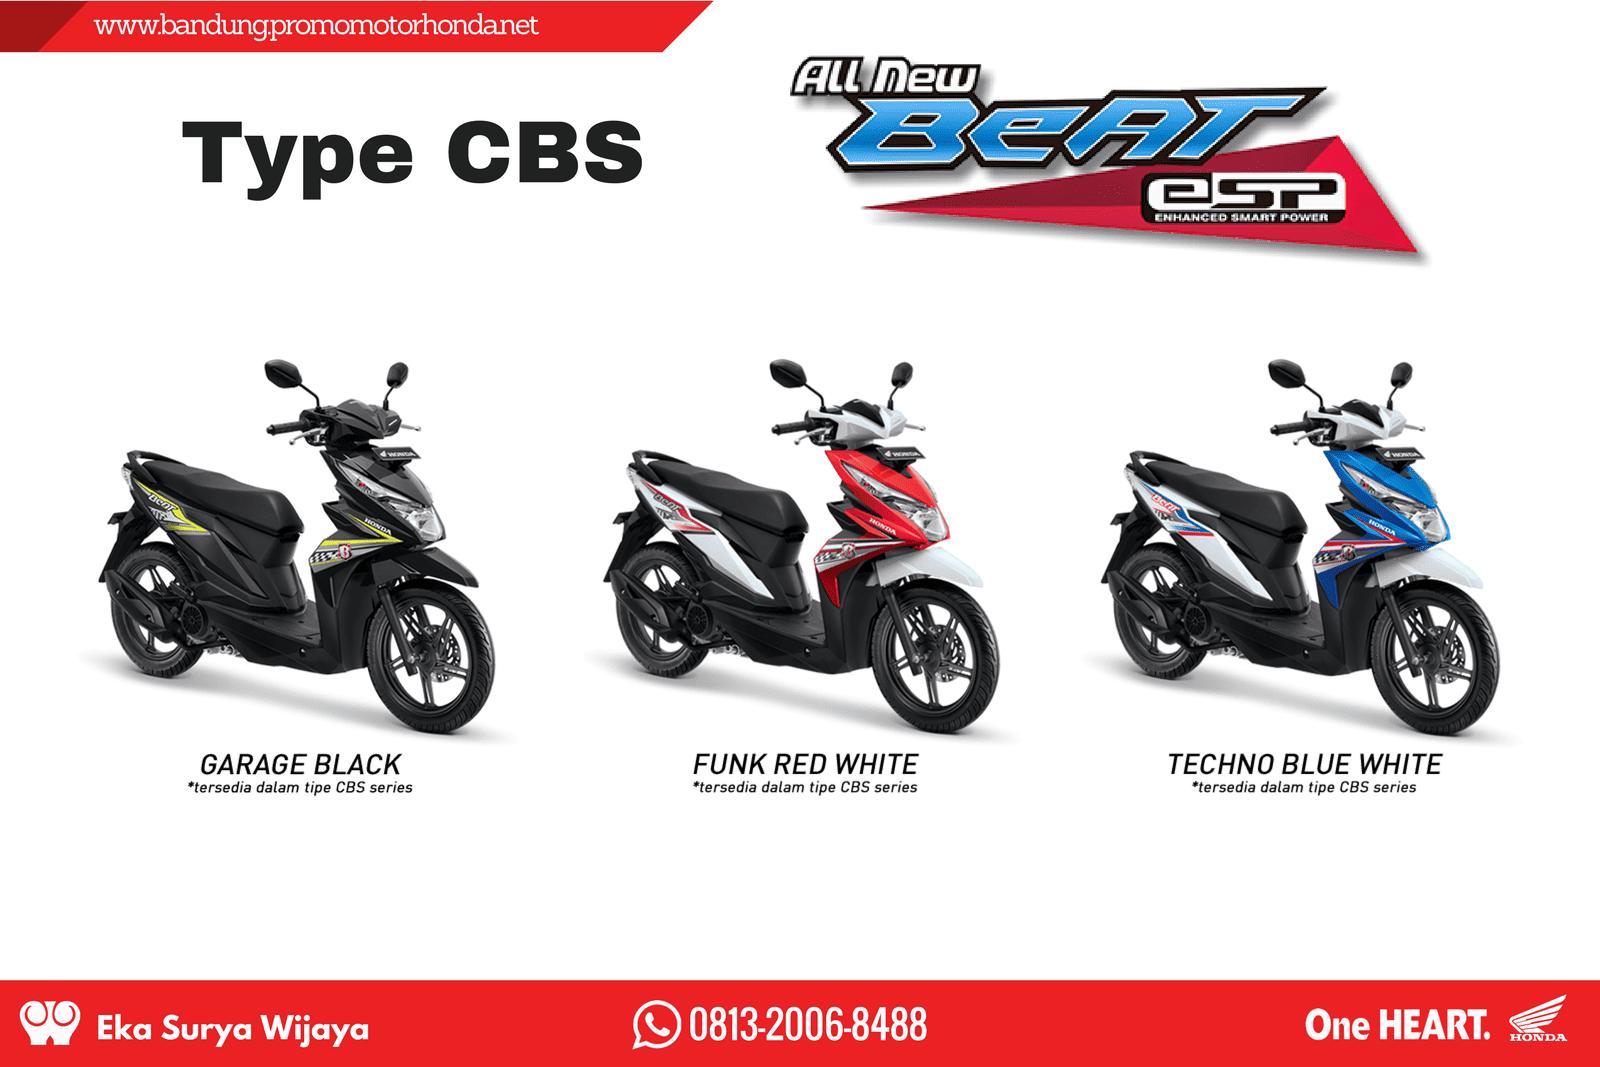 Harga Jual Honda Beat Kredit Adira Daftar Mobil Baru Bekas All New Sporty Esp Cbs Funk Red Black Kudus Motor Terbaru Wilayah